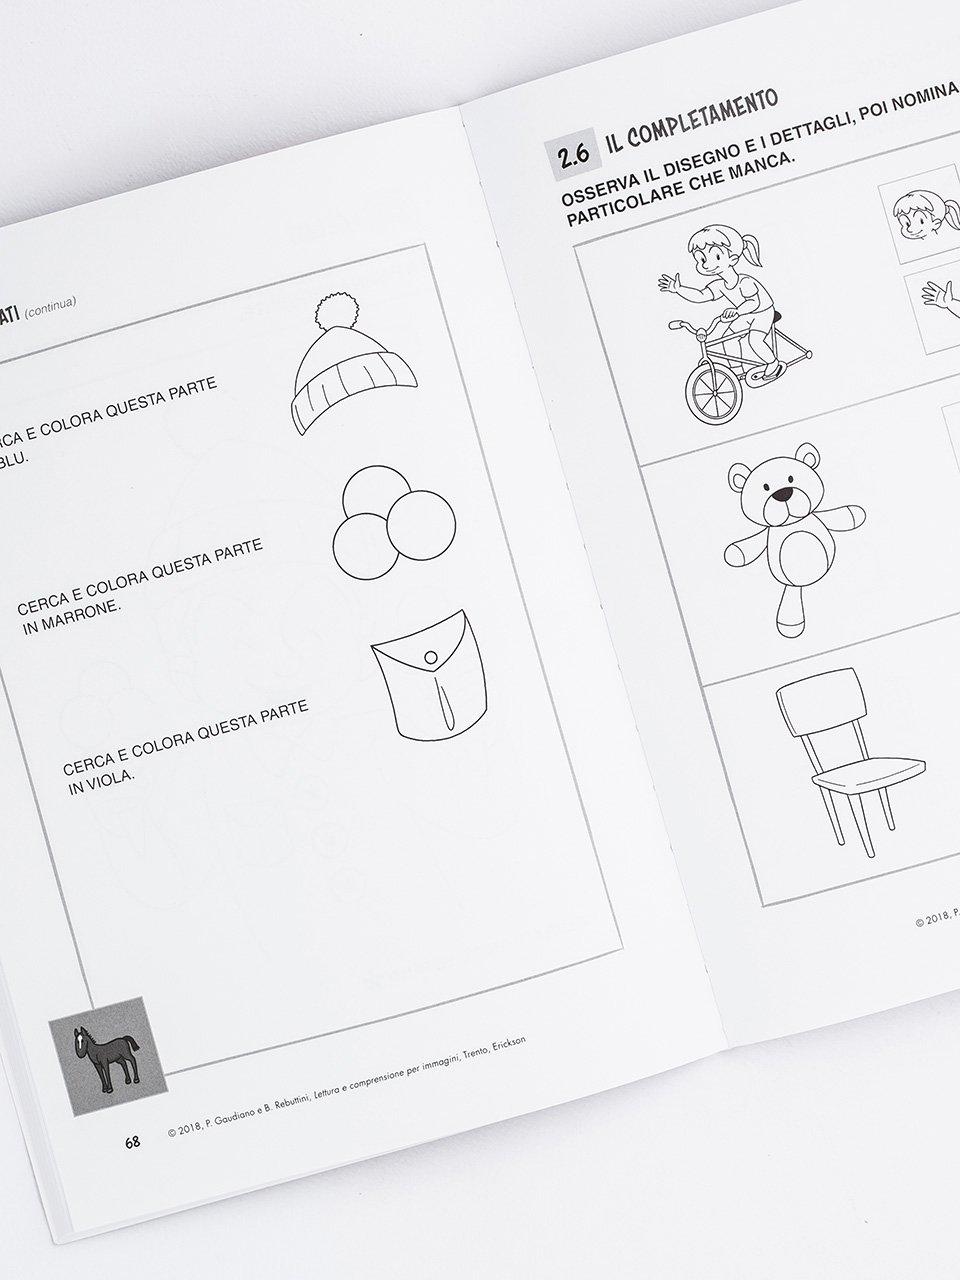 Lettura e comprensione per immagini - Libri - Erickson 2